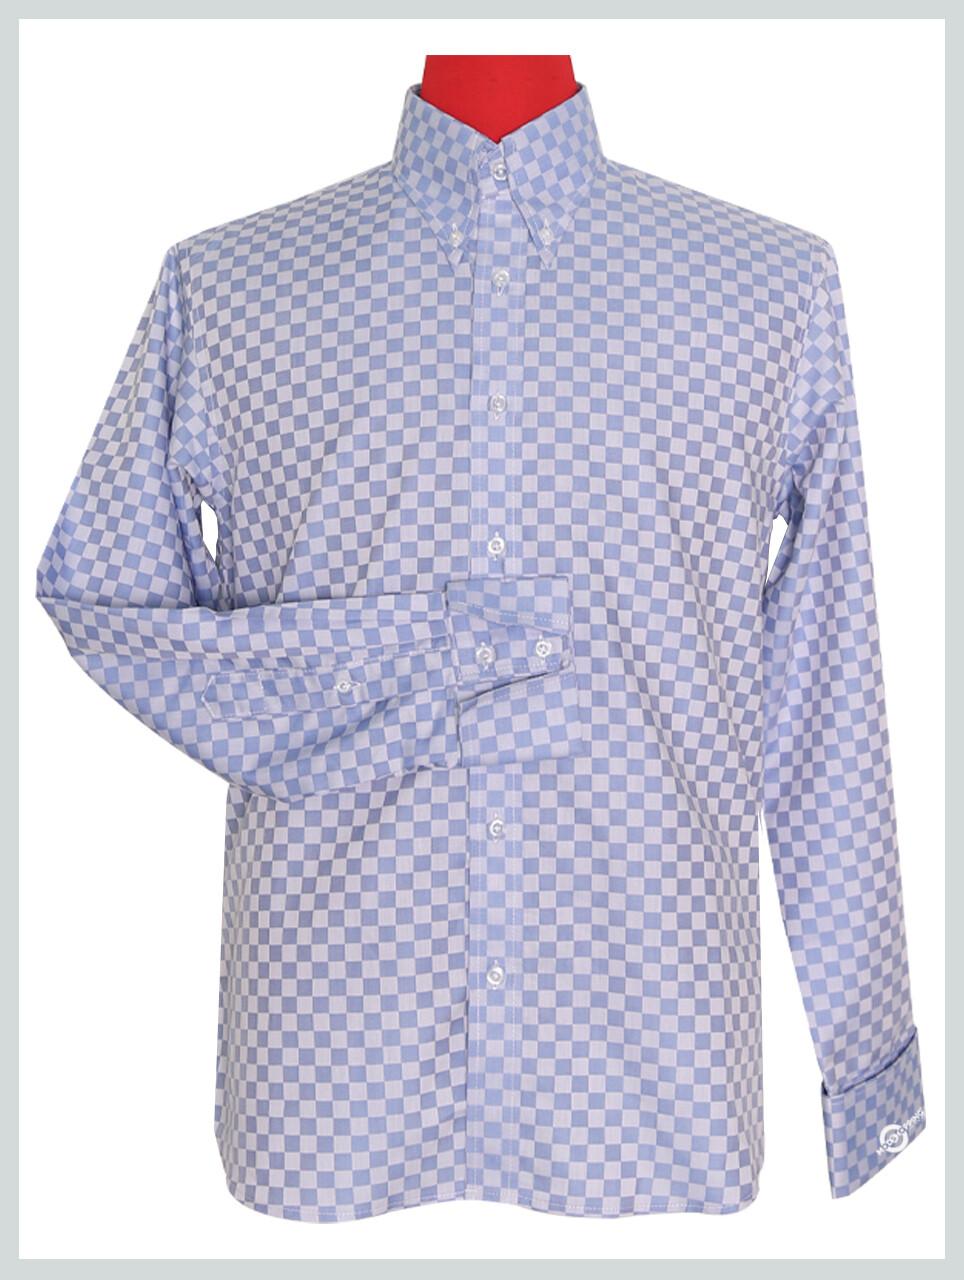 Long Sleeve Shirt Ska Check Sky Blue Shirt For Men's